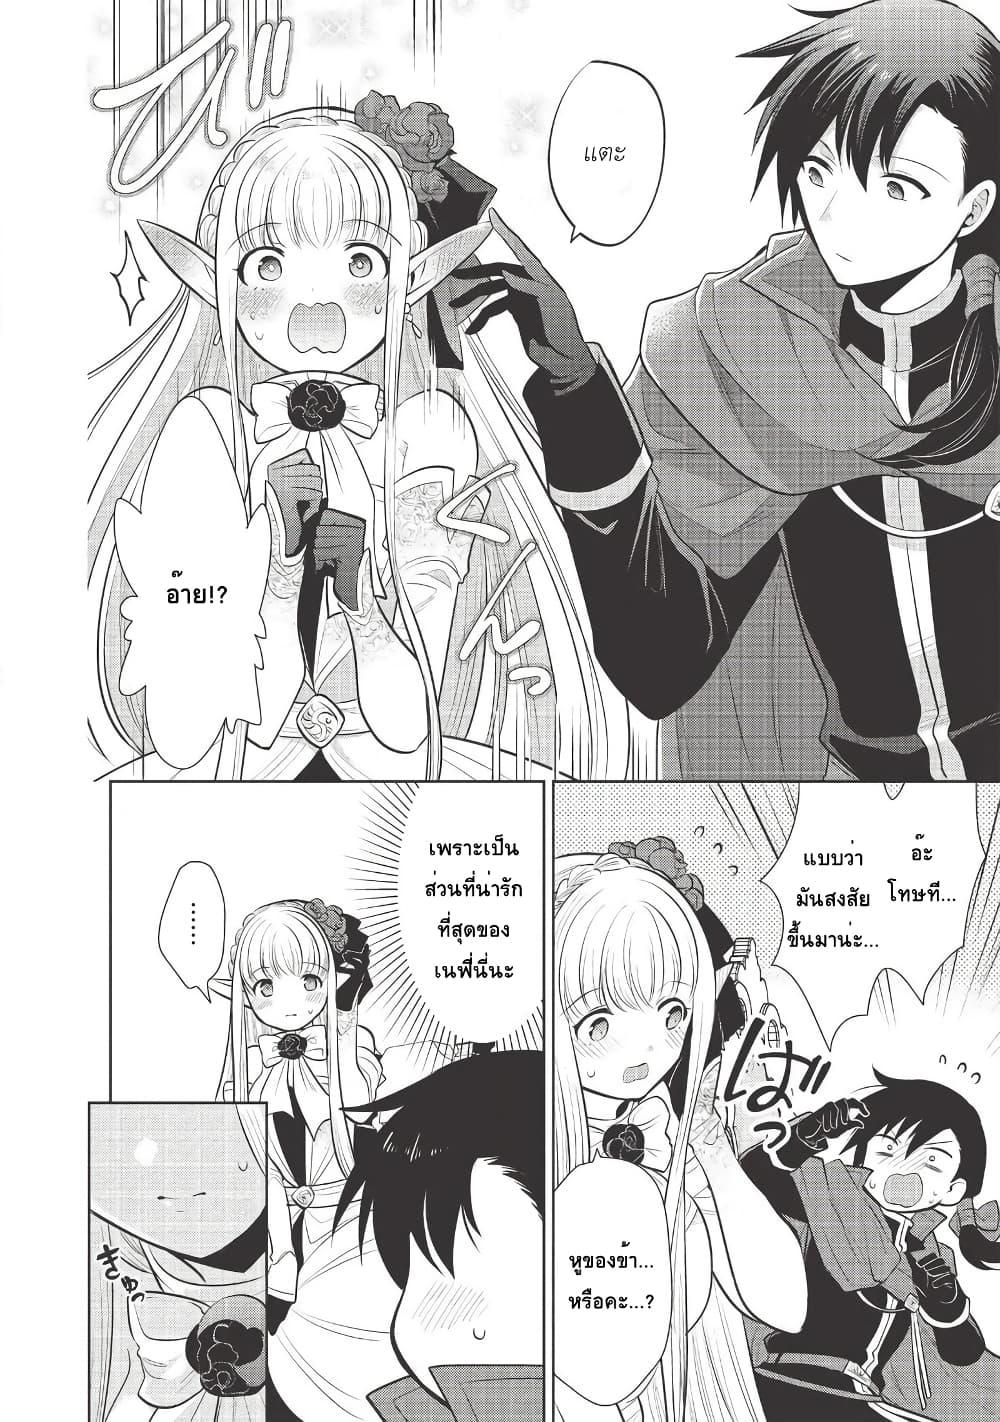 อ่านการ์ตูน Maou no Ore ga Dorei Elf wo Yome ni Shitanda ga Dou Medereba Ii ตอนที่ 29 หน้าที่ 6